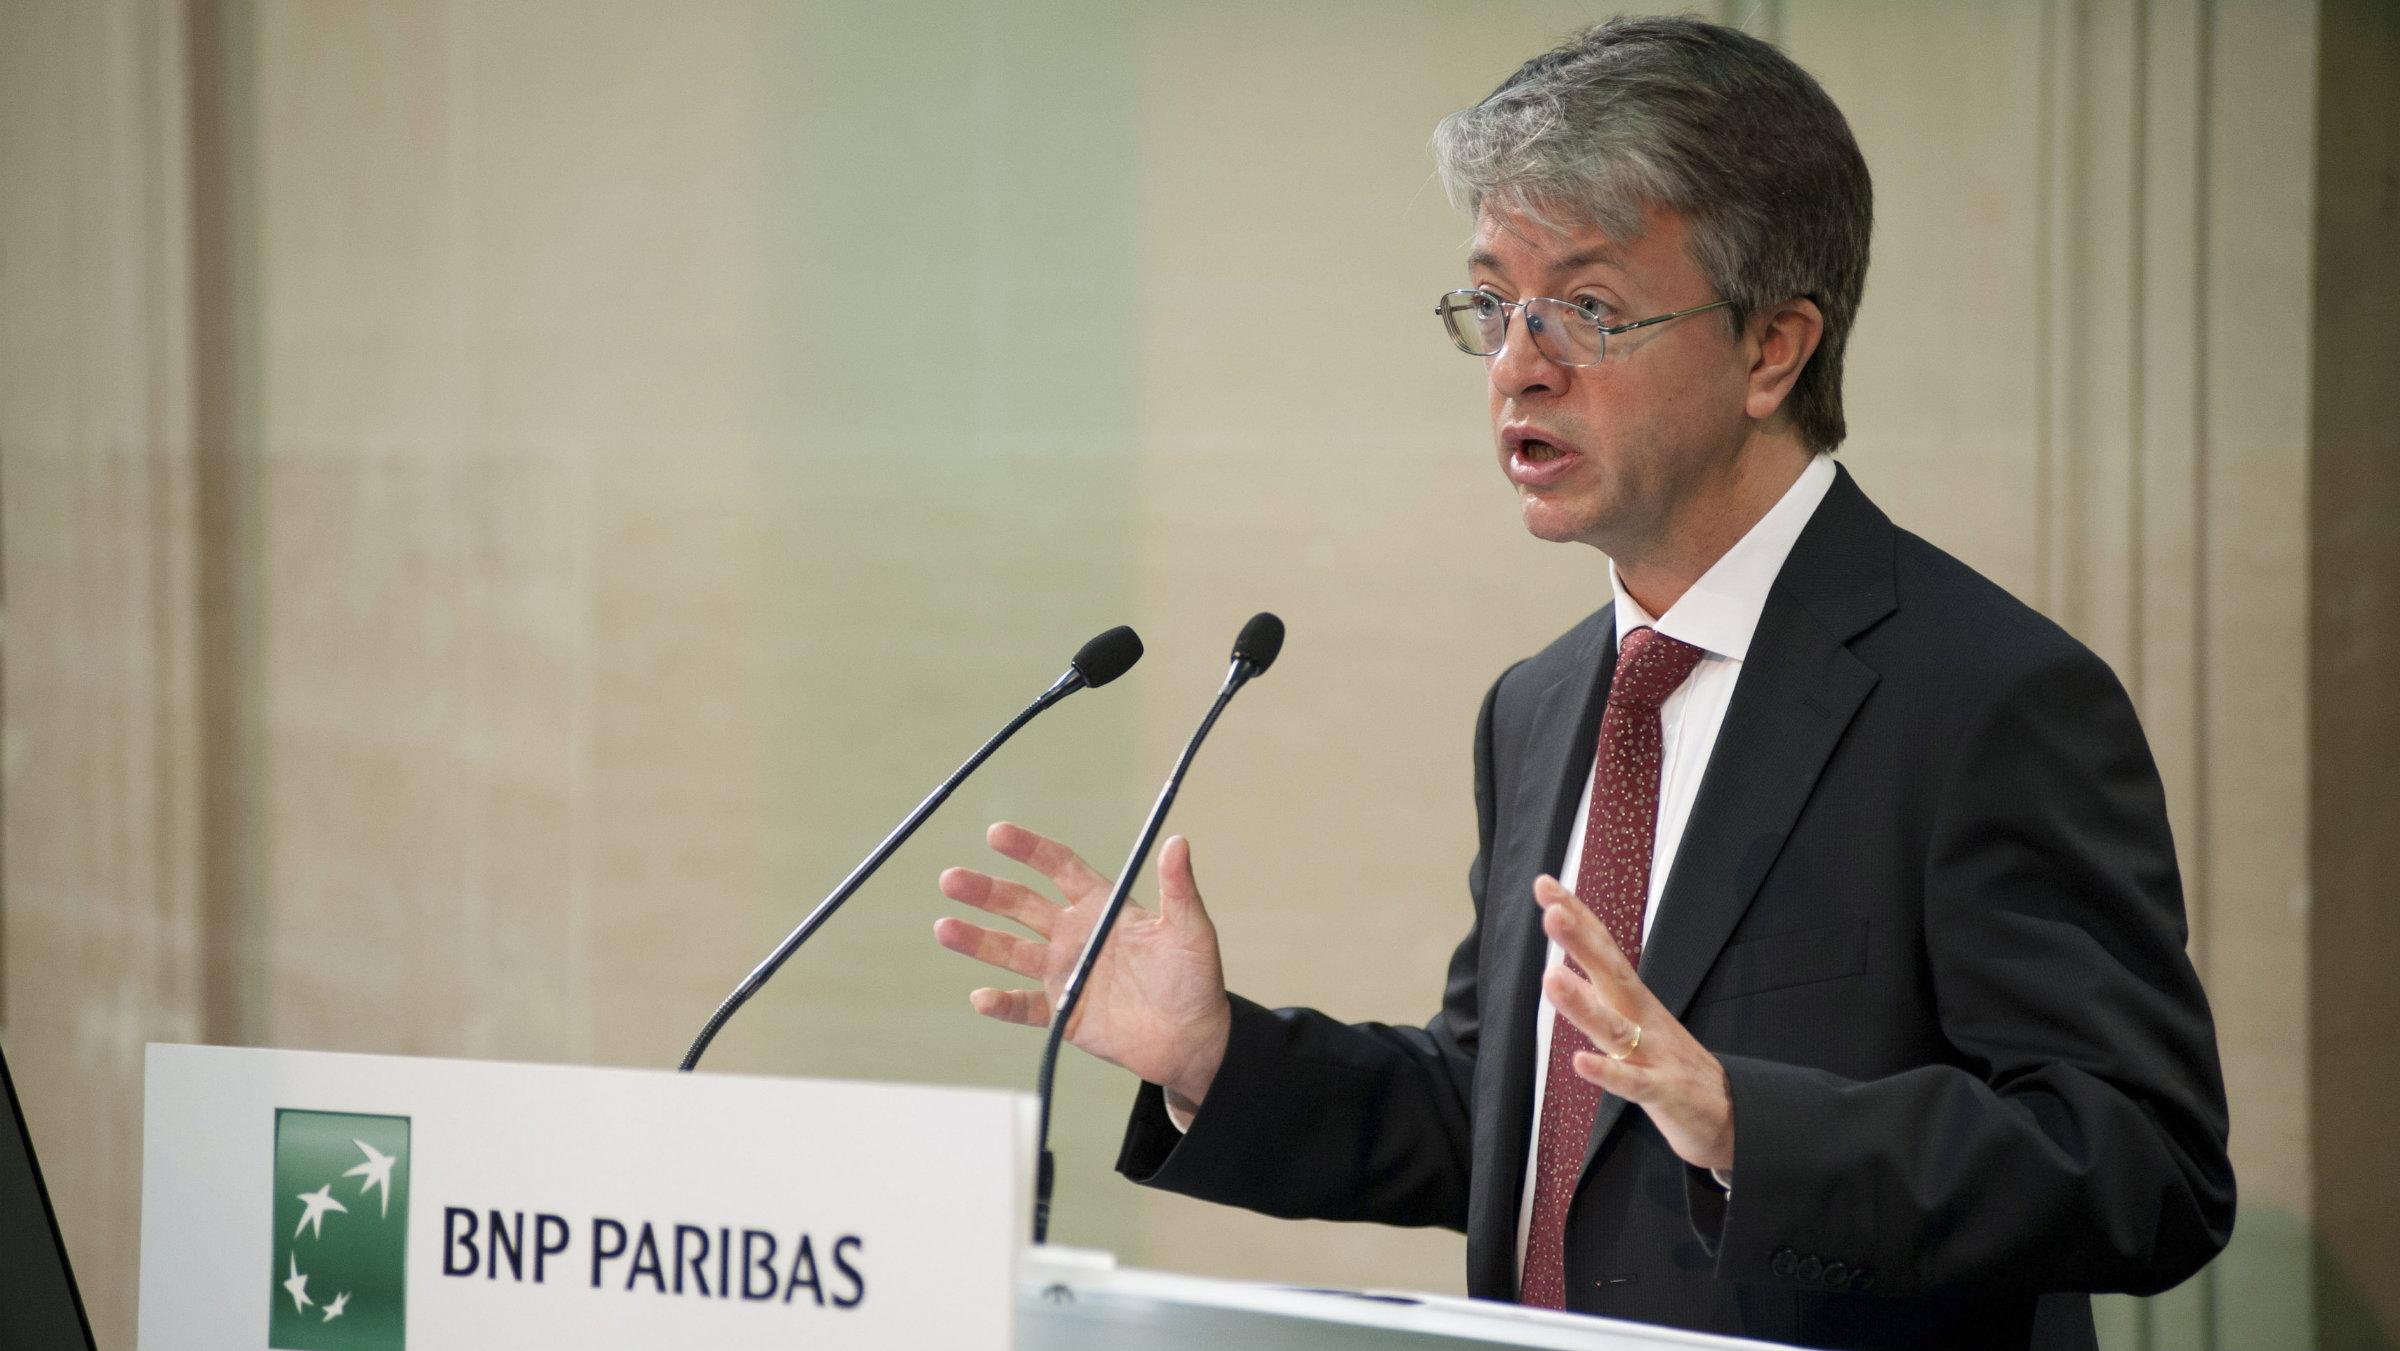 BNP Paribas chief executive Jean-Laurent Bonnafé, bringer of bad news